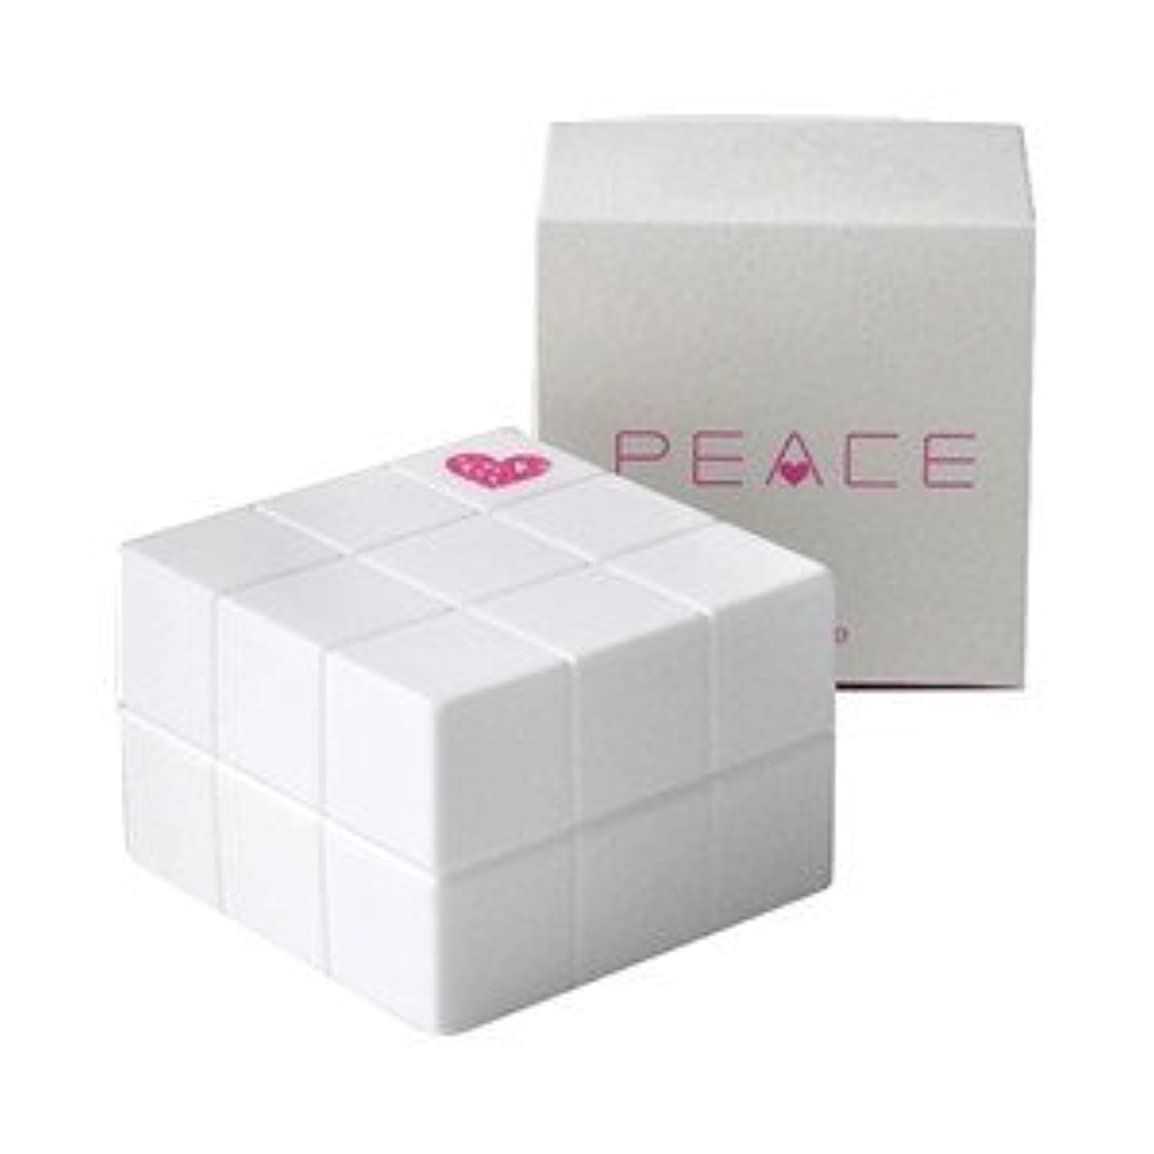 アリミノ ピース プロデザイン グロスワックス40g ×2個 セット arimino PEACE